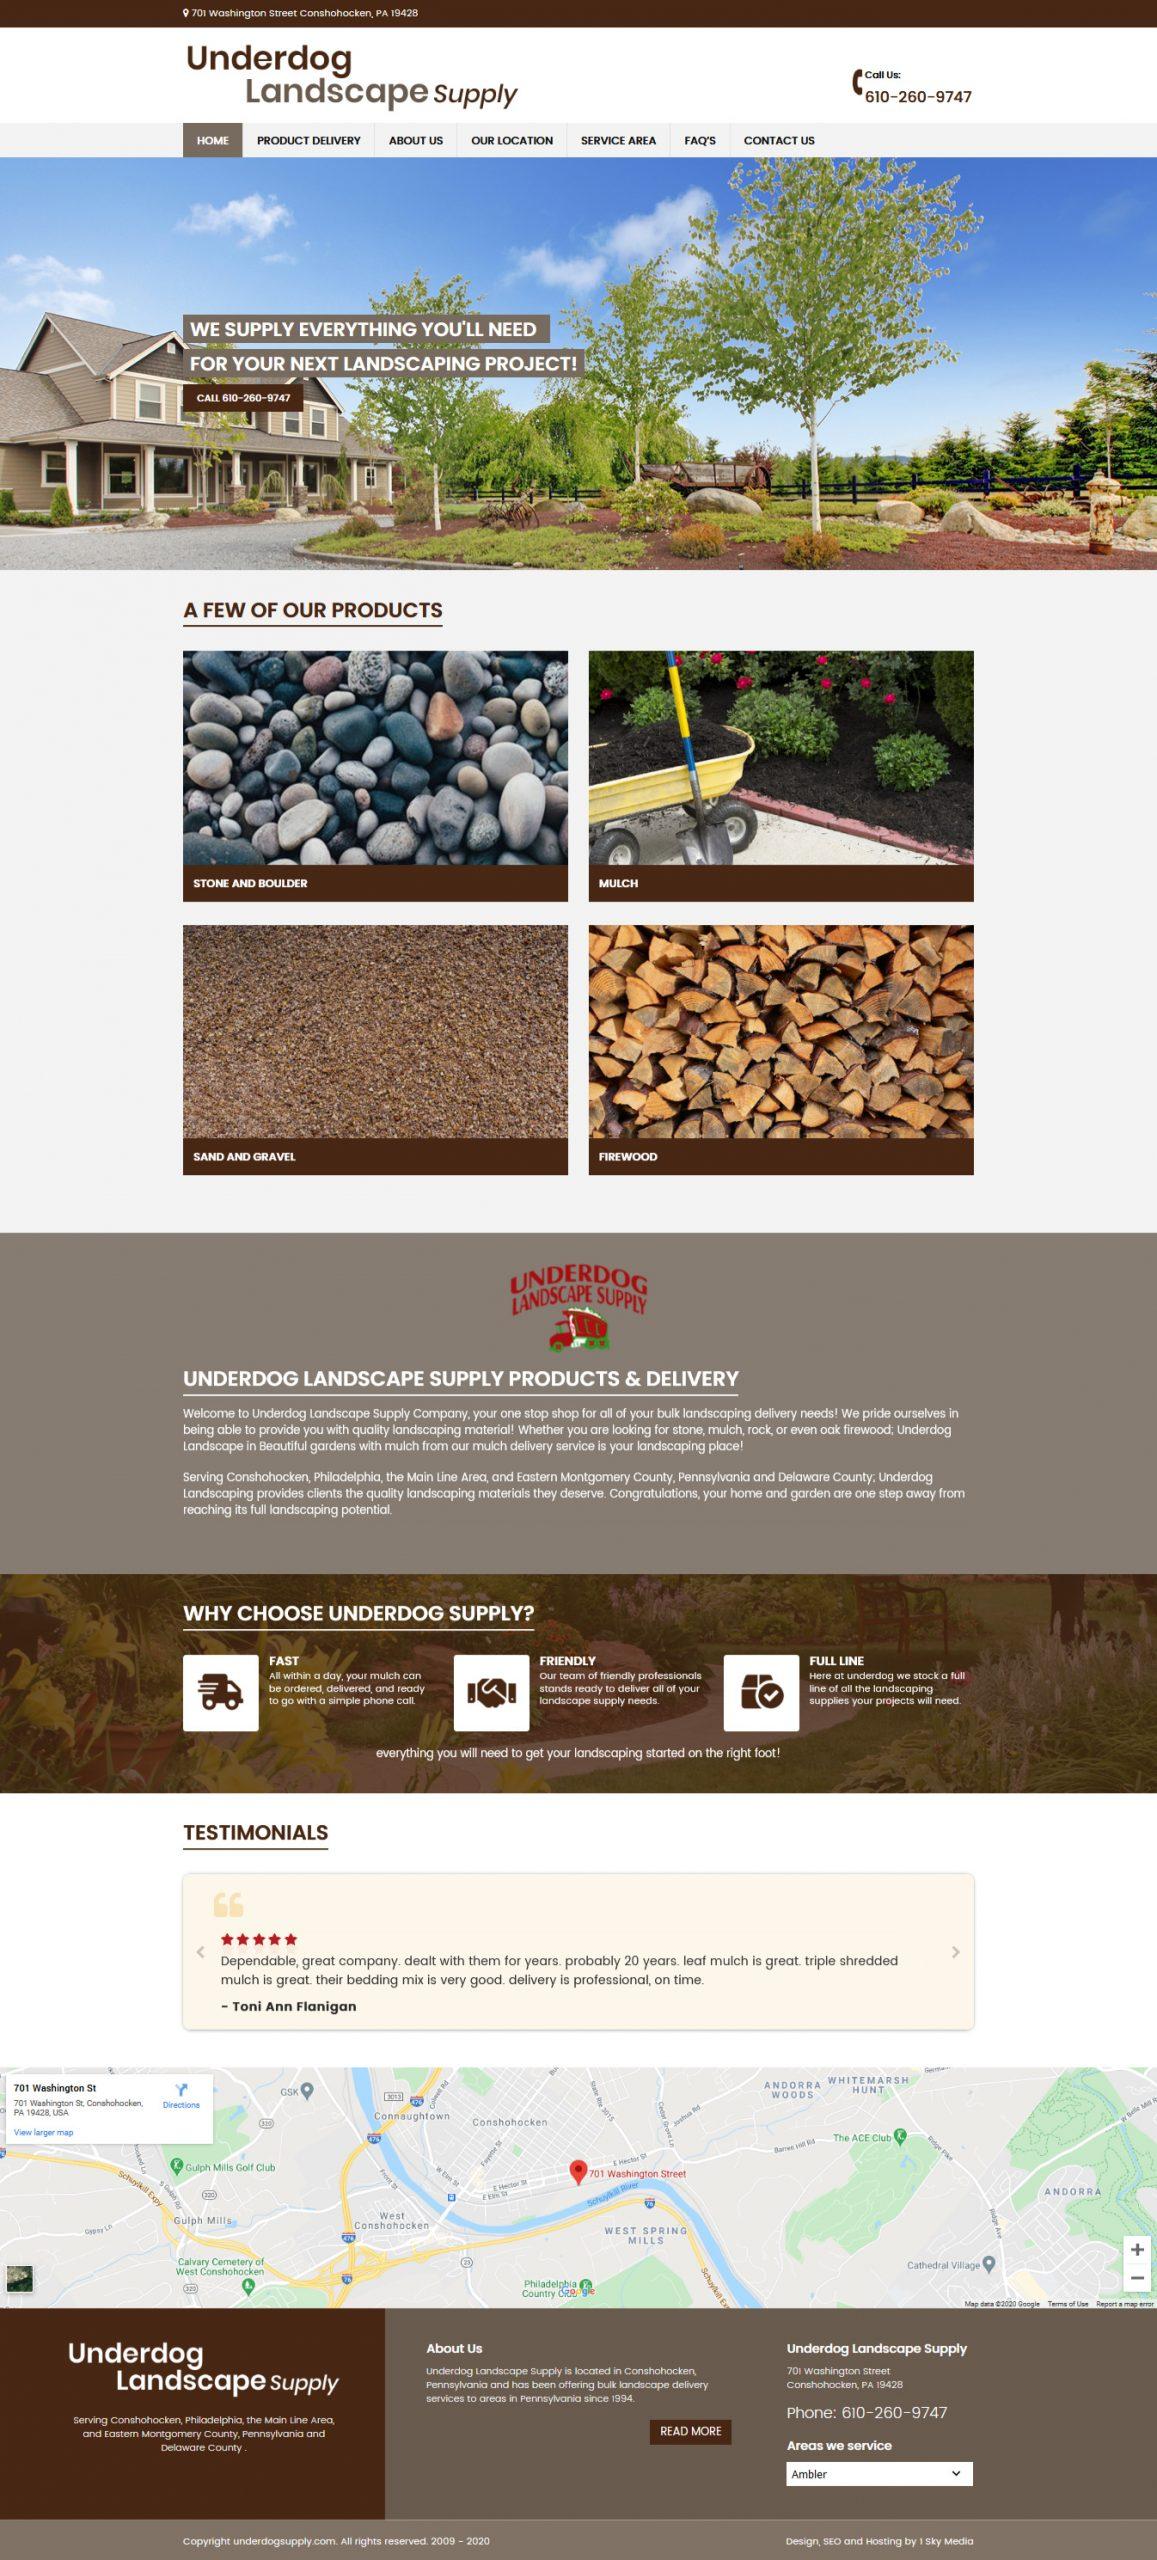 Underdog supply Landscape supply website design